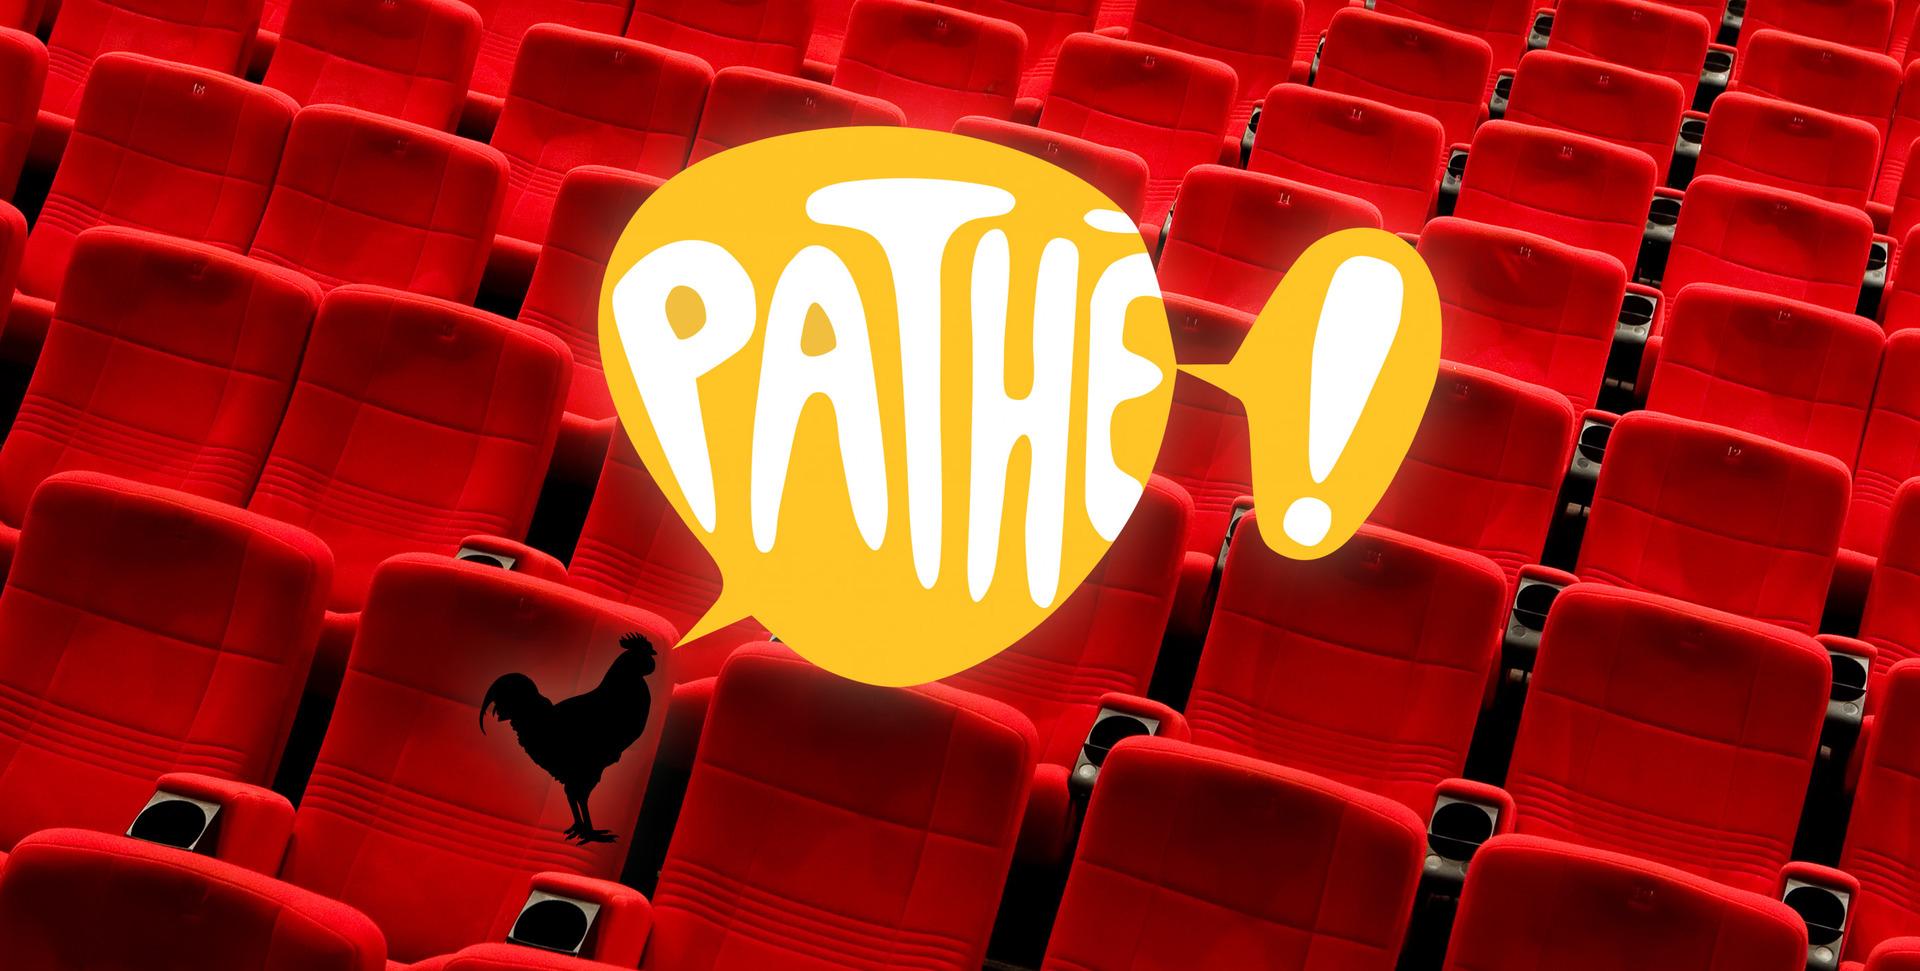 Gratis medium popcorn bij Pathé Nijmegen (Lokaal)